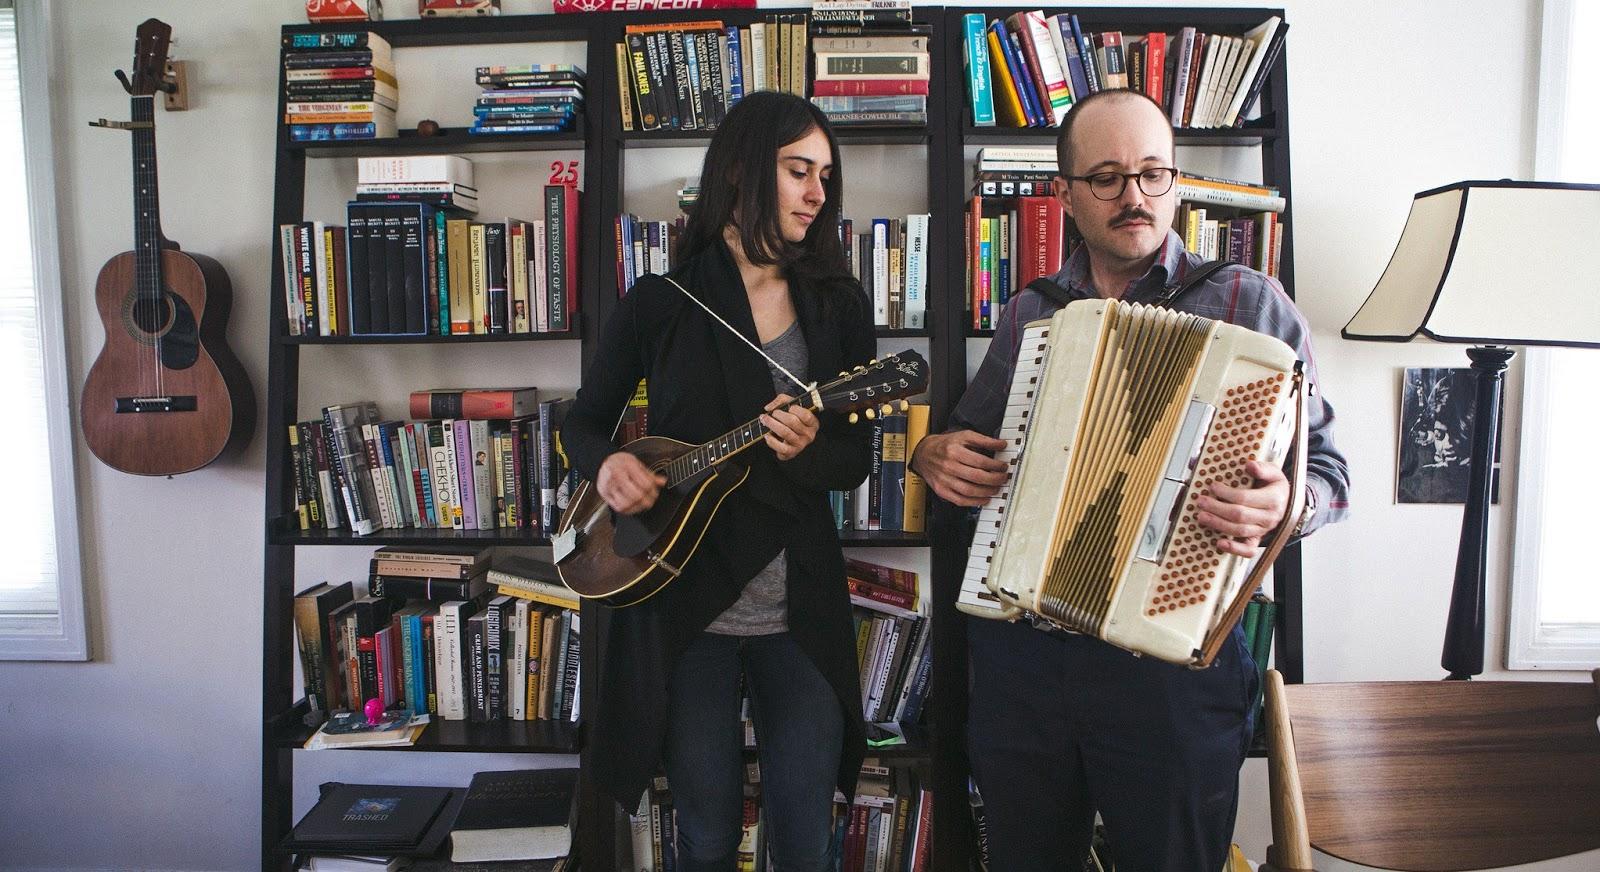 corina figueroa escamilla - Conor Oberst and Wife Corina Escamilla Figueroa Sing An attempt to